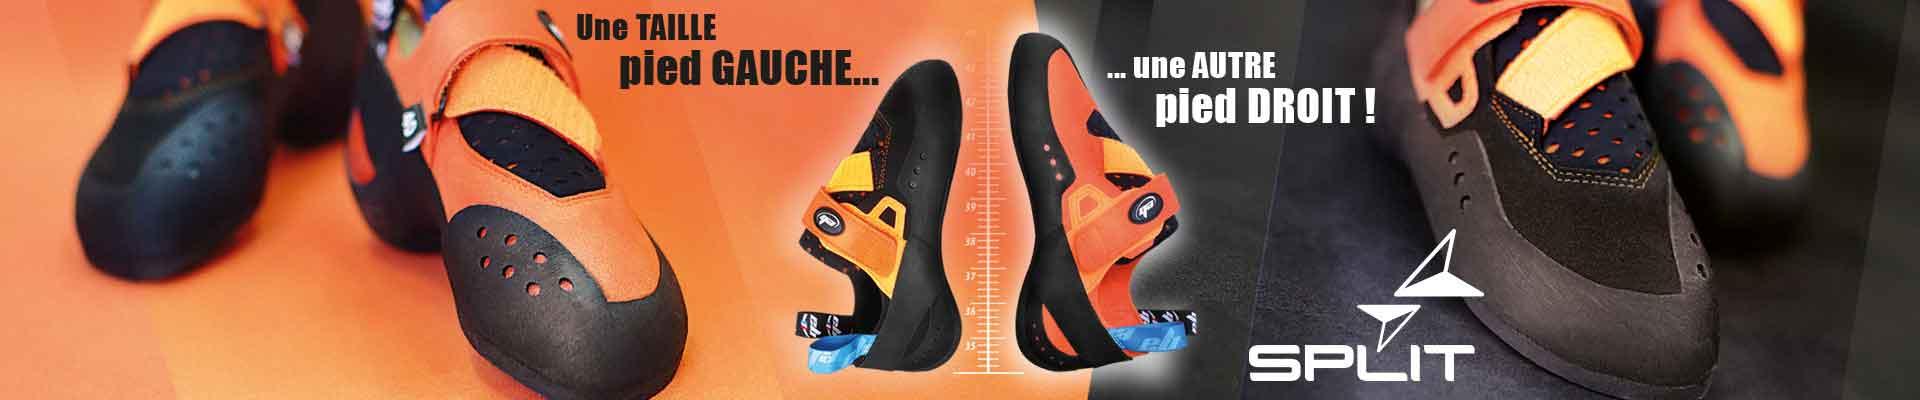 chausson d escalade split pied droit ou pied gauche